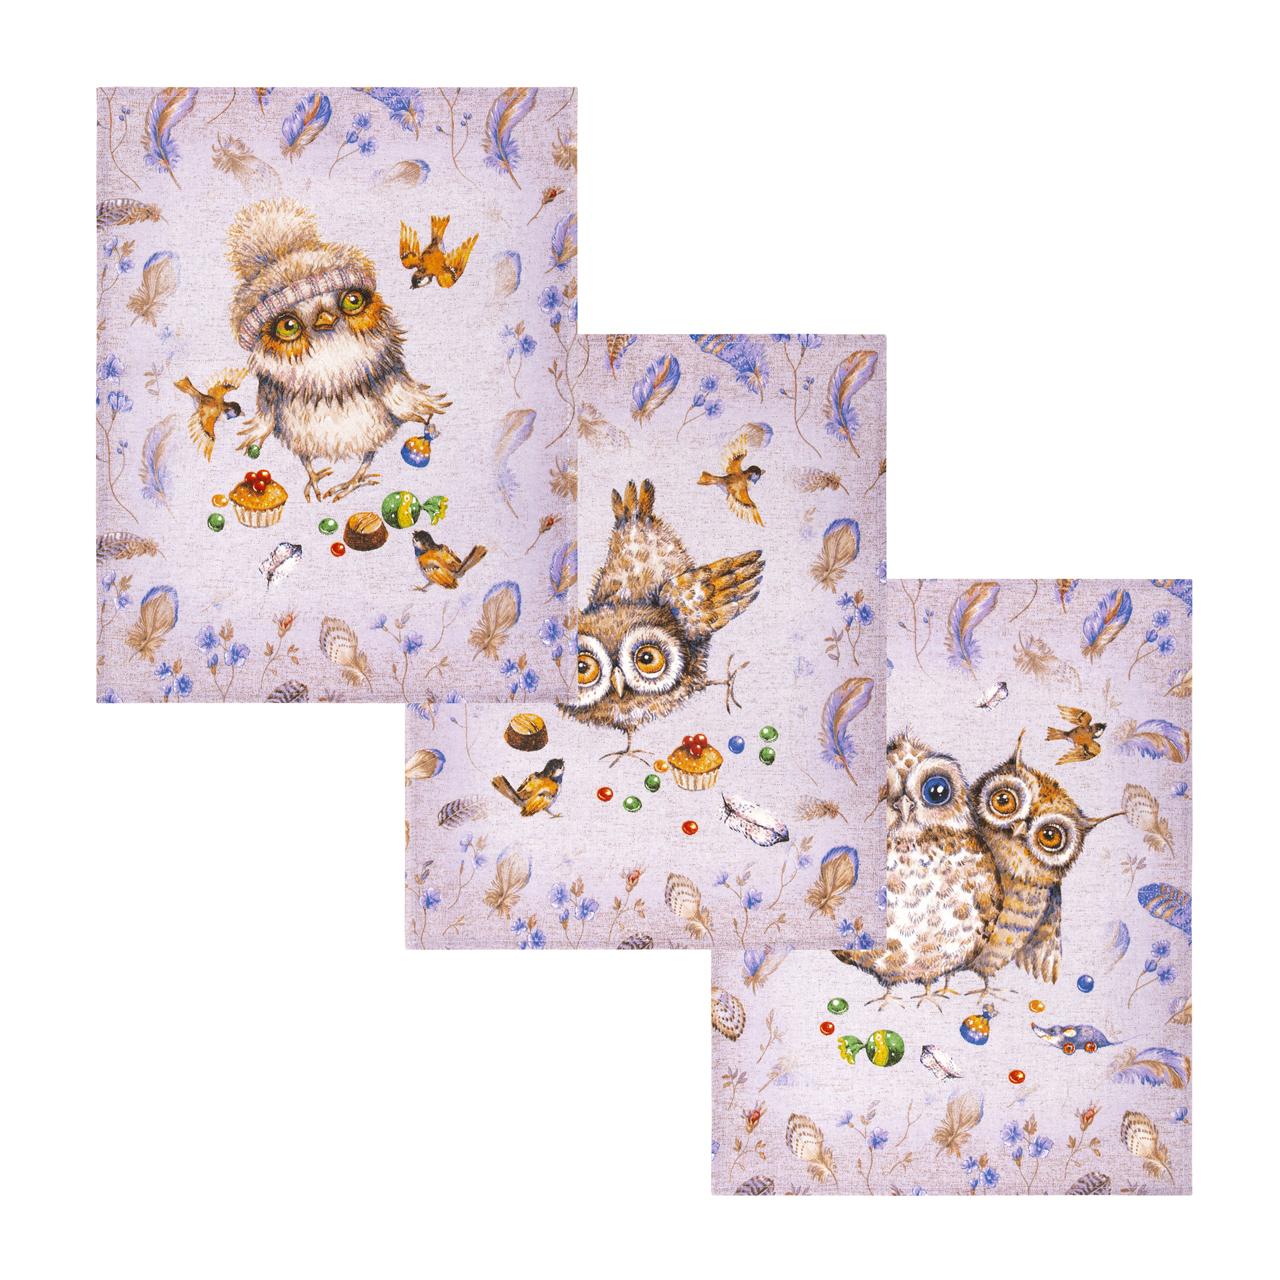 Комплект вафельных полотенец 45x60 (3 шт) Сладкий Я Артпостель